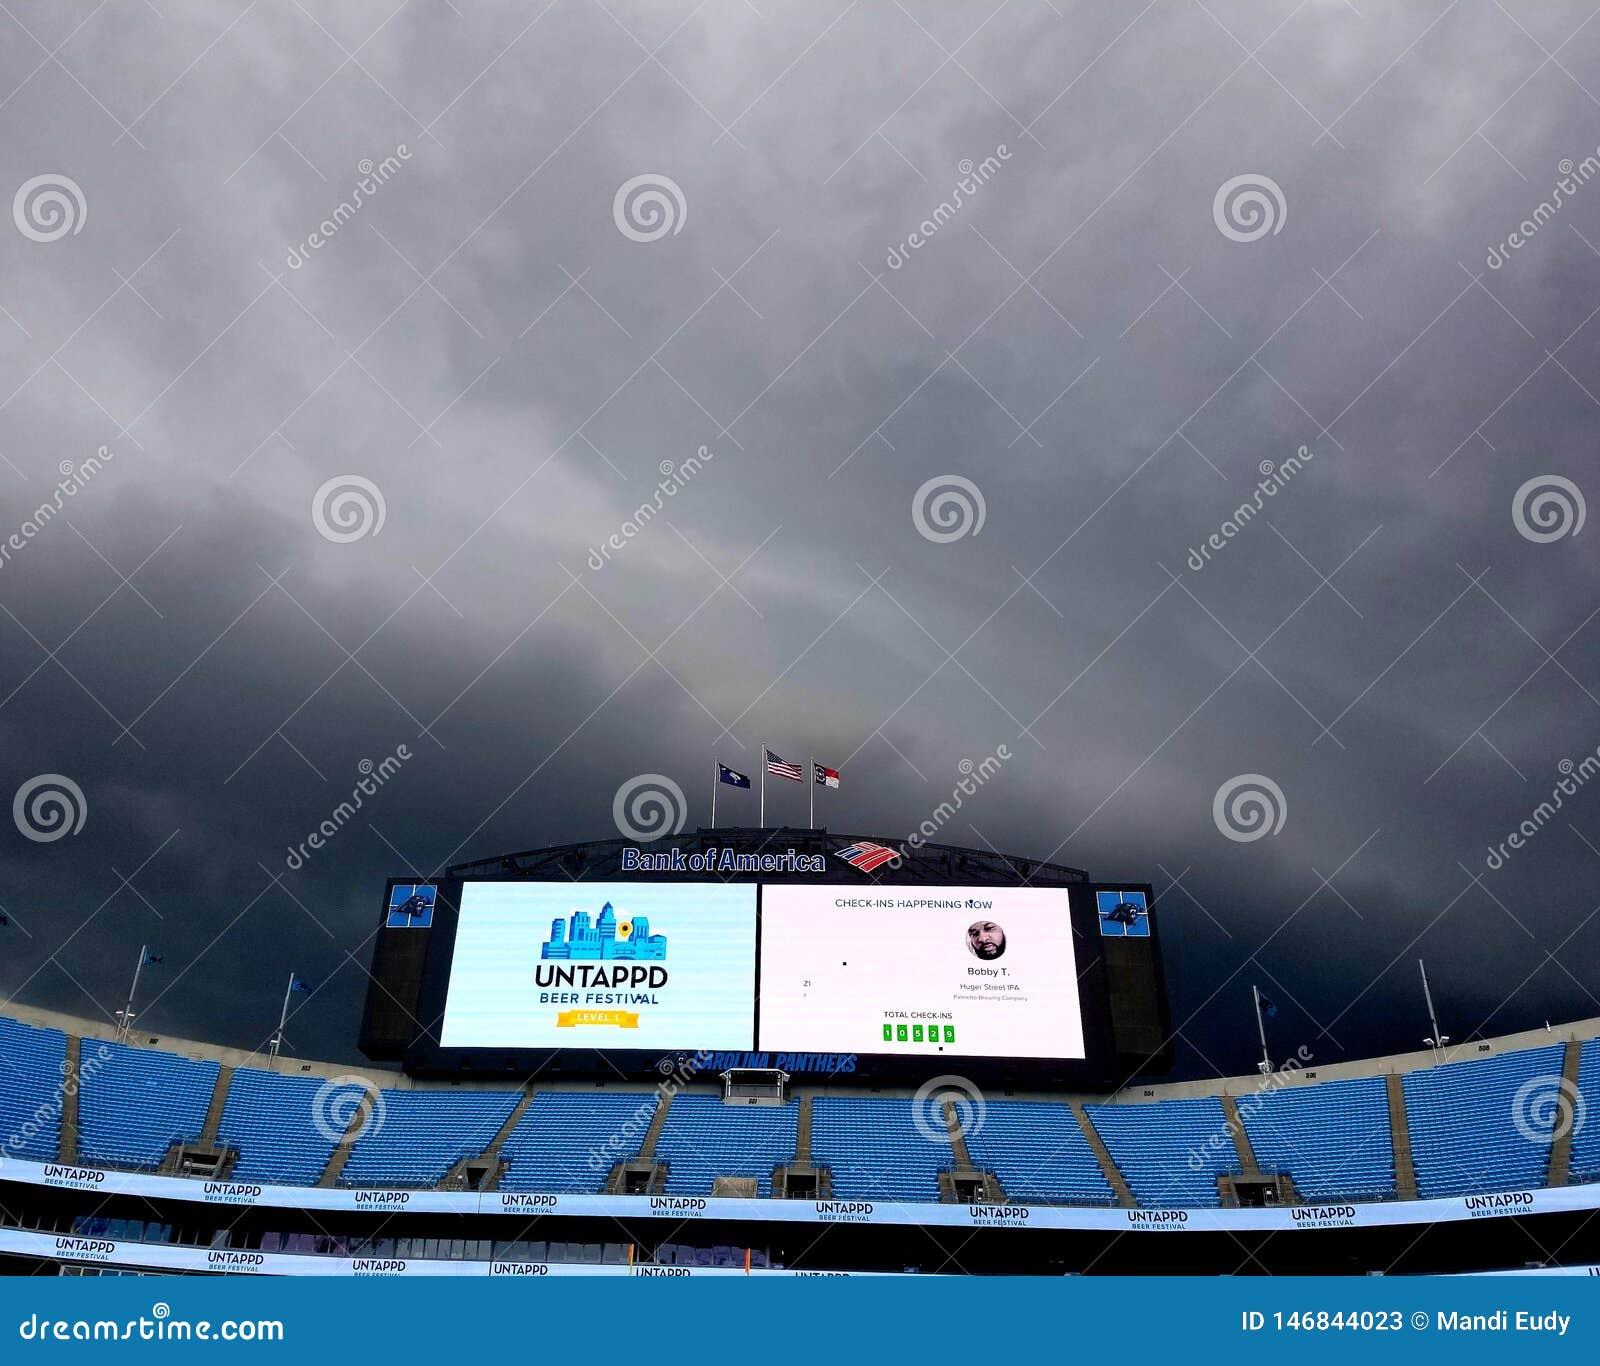 Burze nad bank of america stadium Karolina panter chmurami szalej? przy Niewykorzystanym Piwnym festiwalem